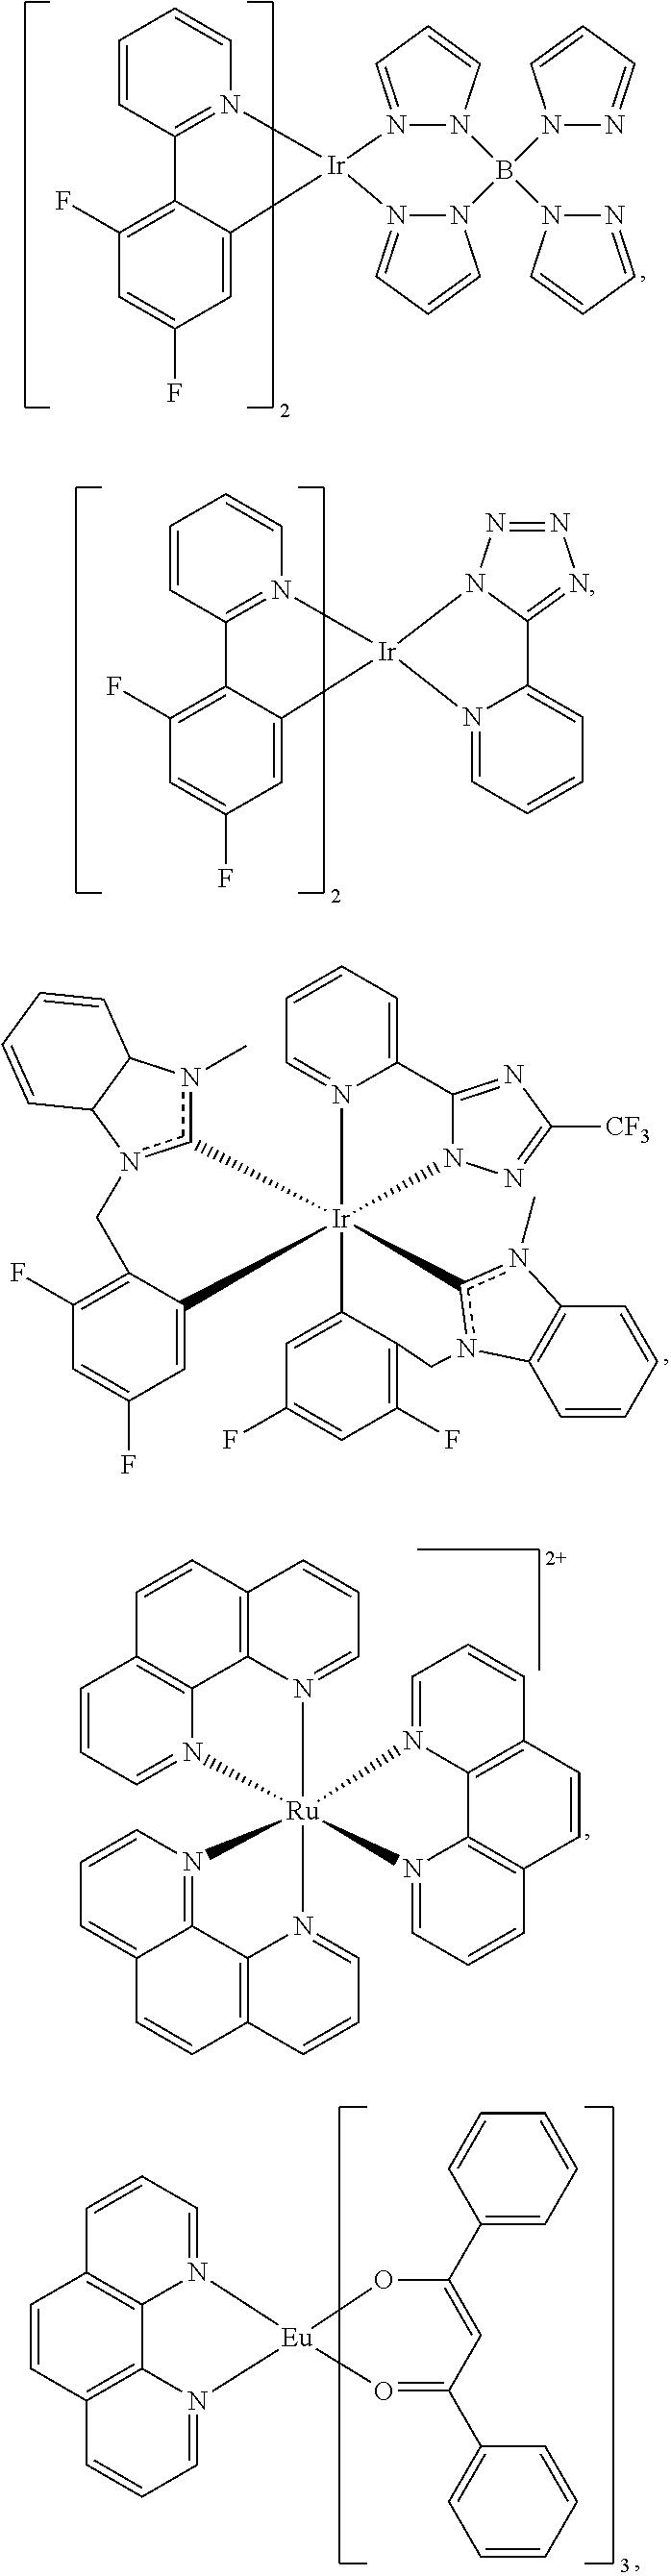 Figure US09081283-20150714-C00006